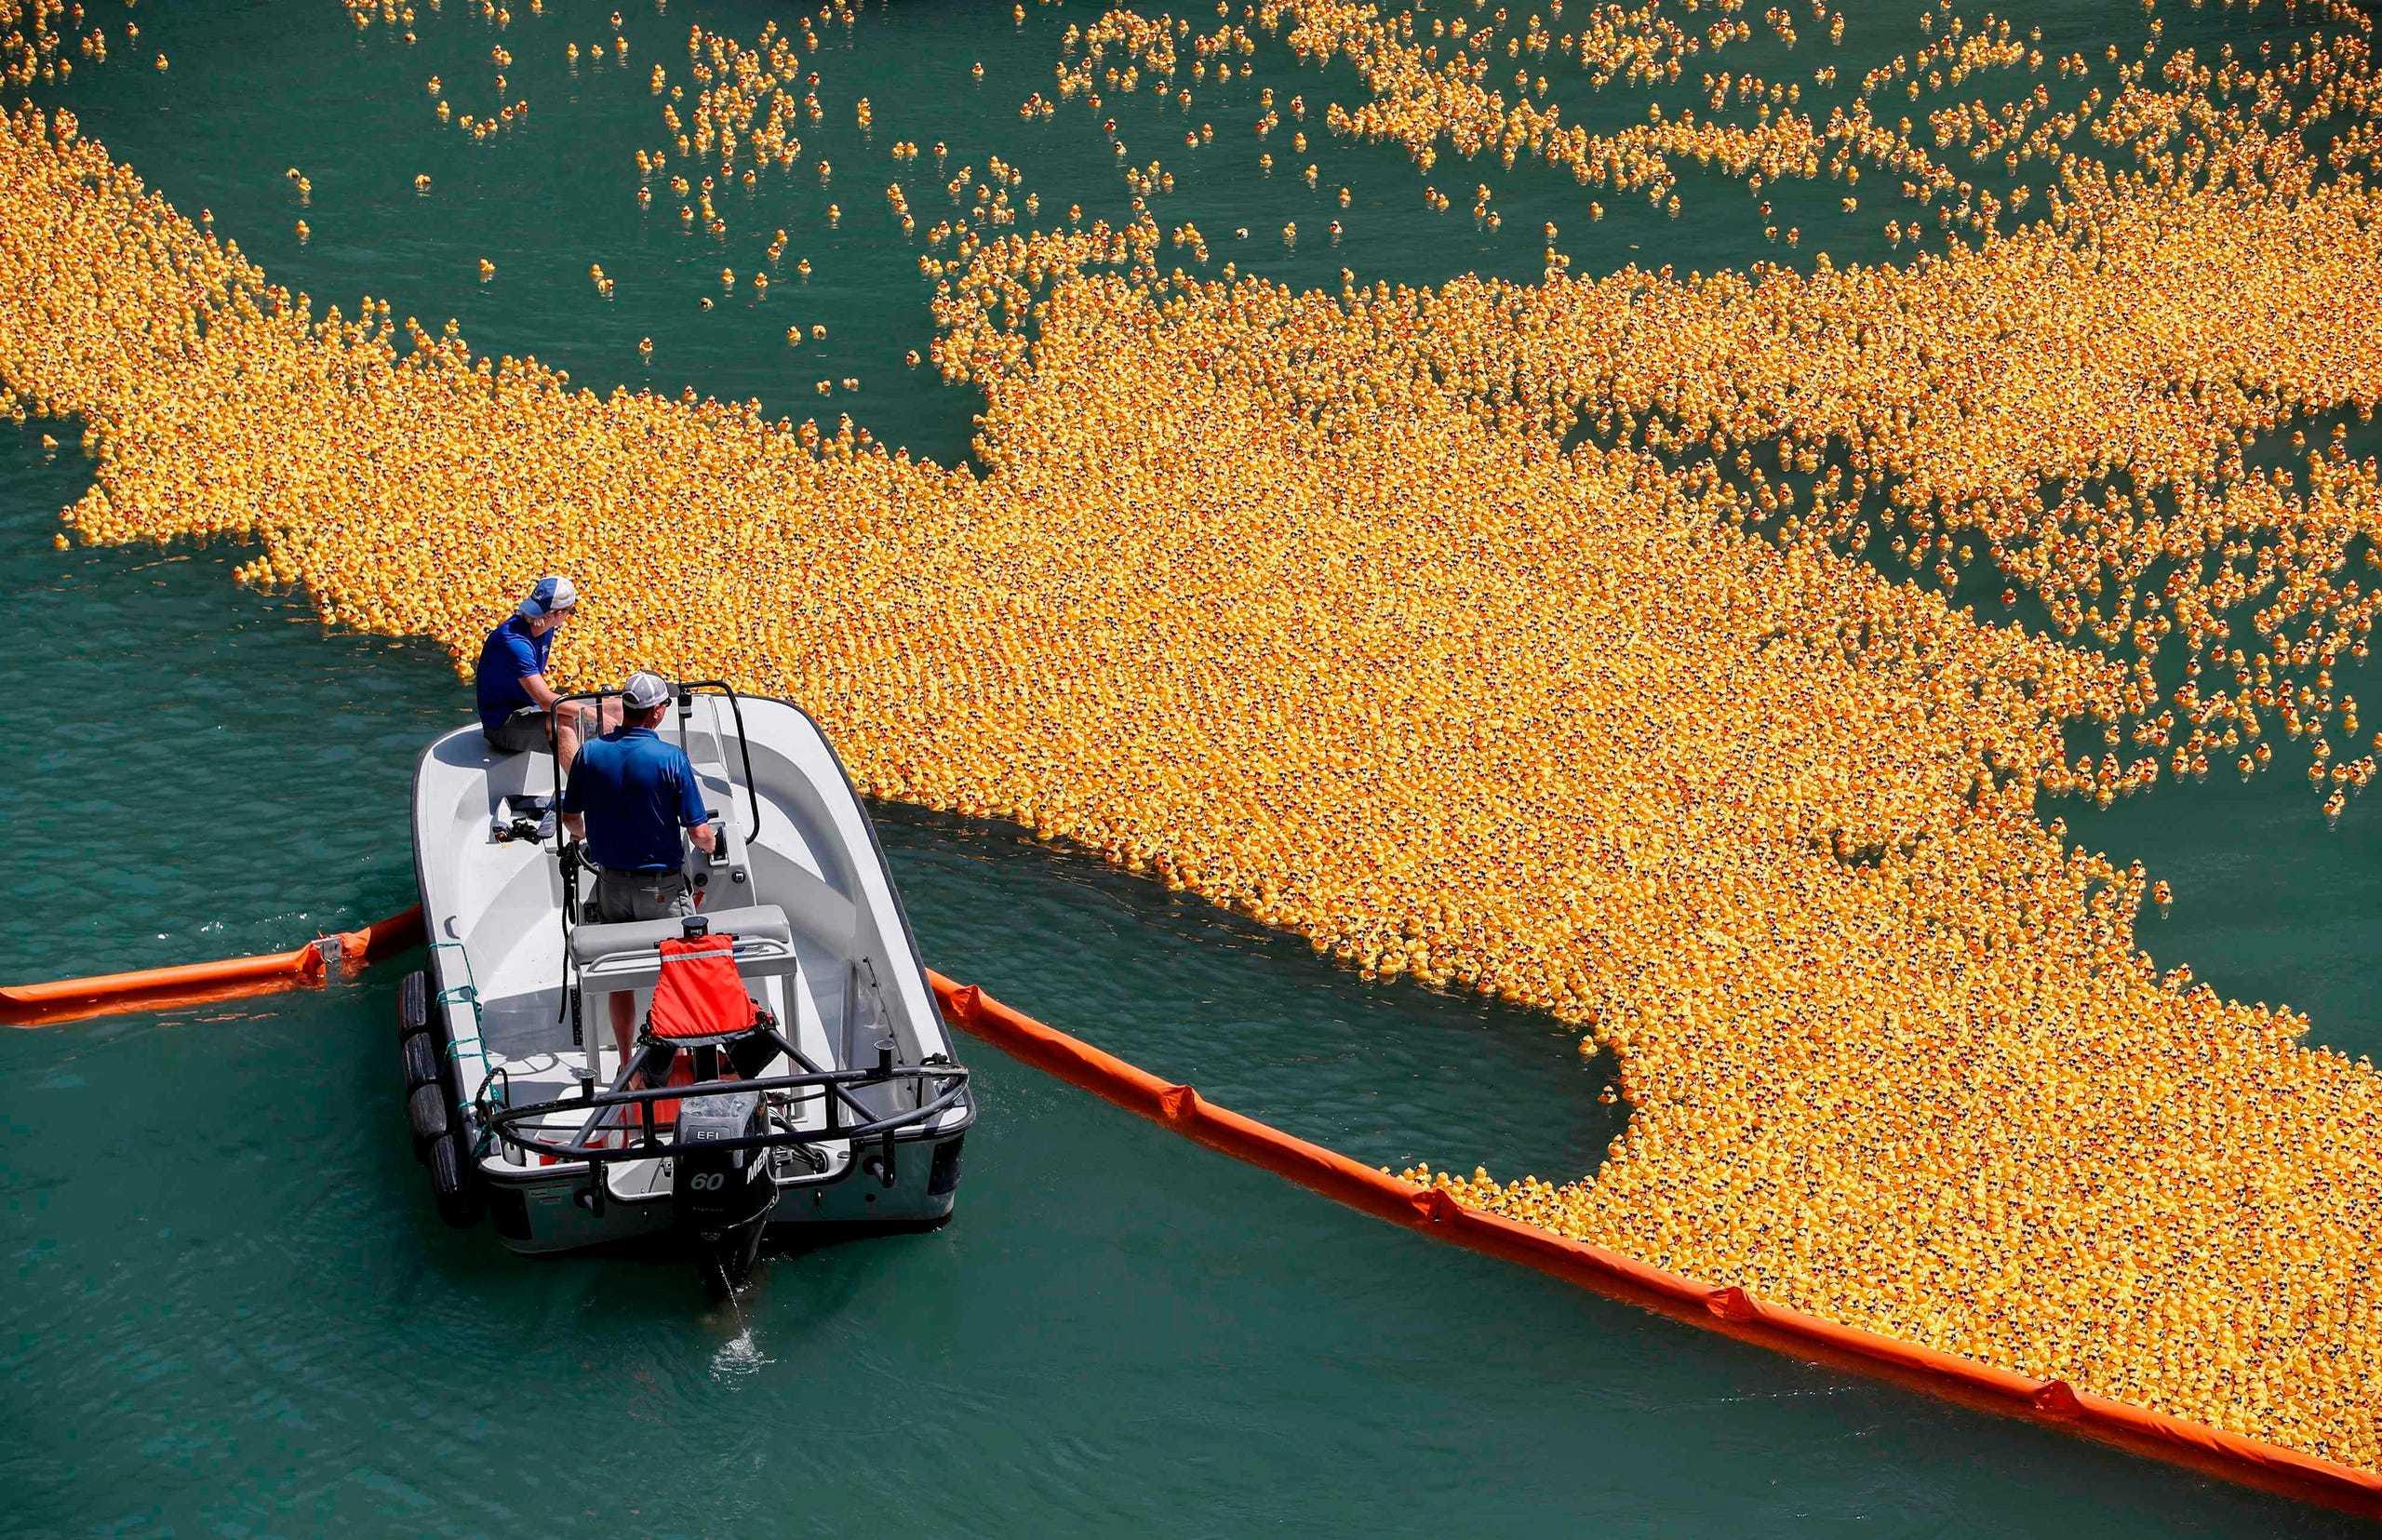 65.000 con vịt nhựa xuất hiện trong cuộc thi độc đáo bậc nhất thế giới